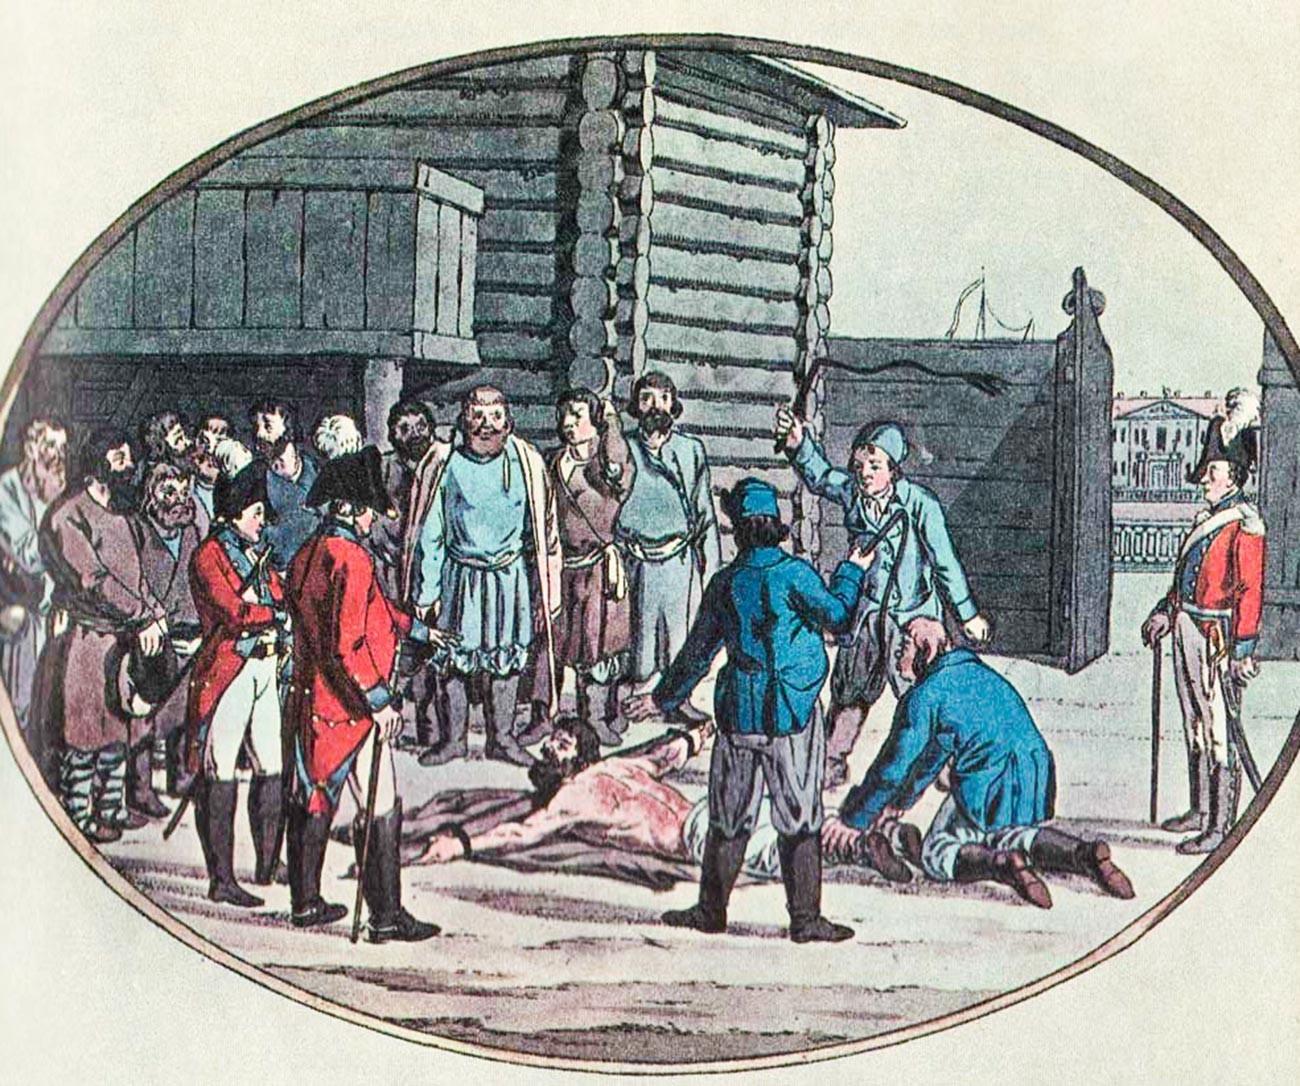 Bičanje v Rusiji, konec 18. stoletja